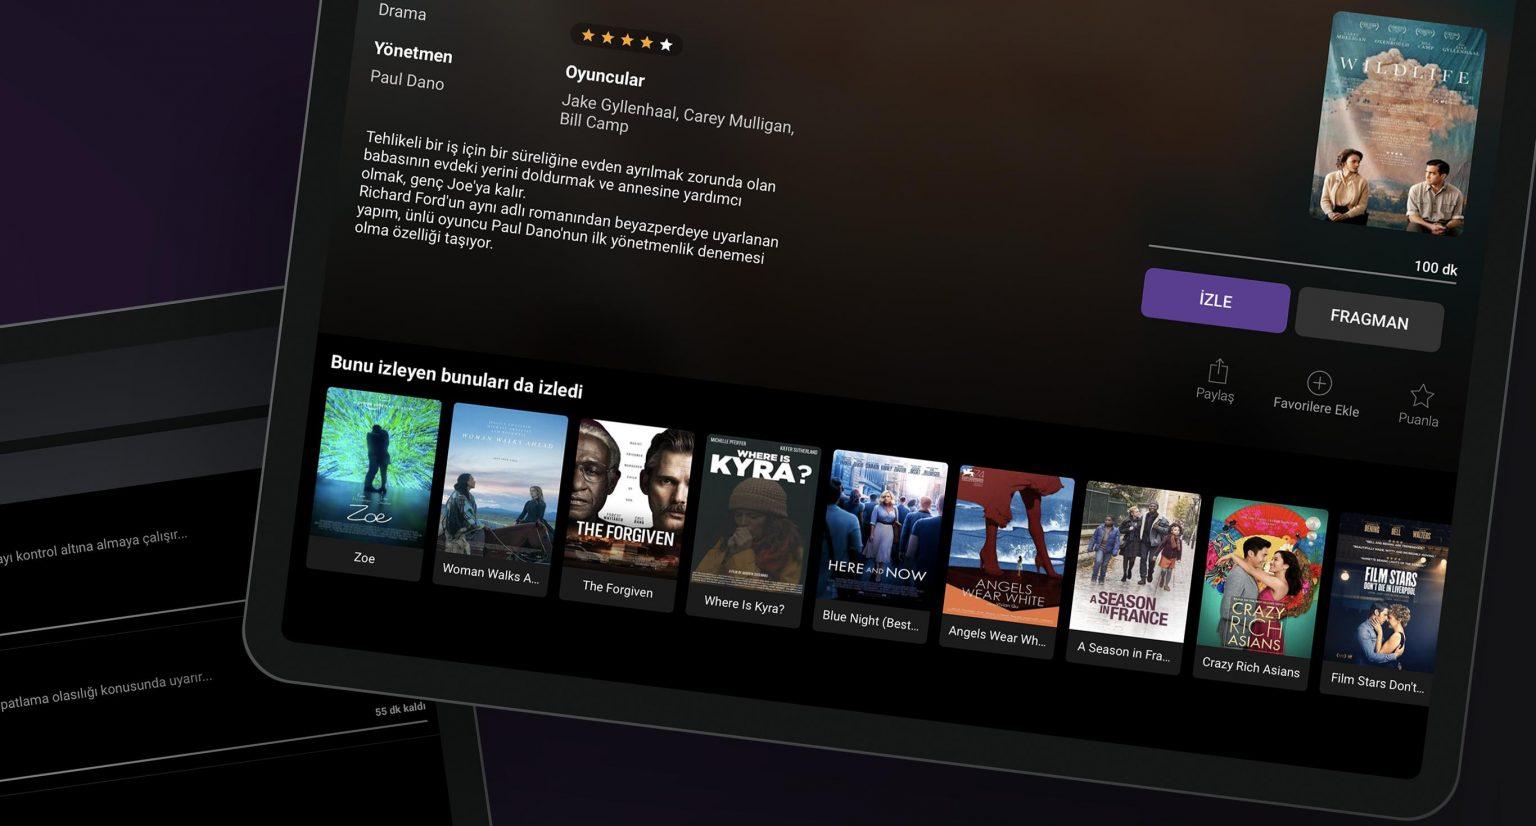 Dijital Platformlarda İzleyebileceğiniz Filmler